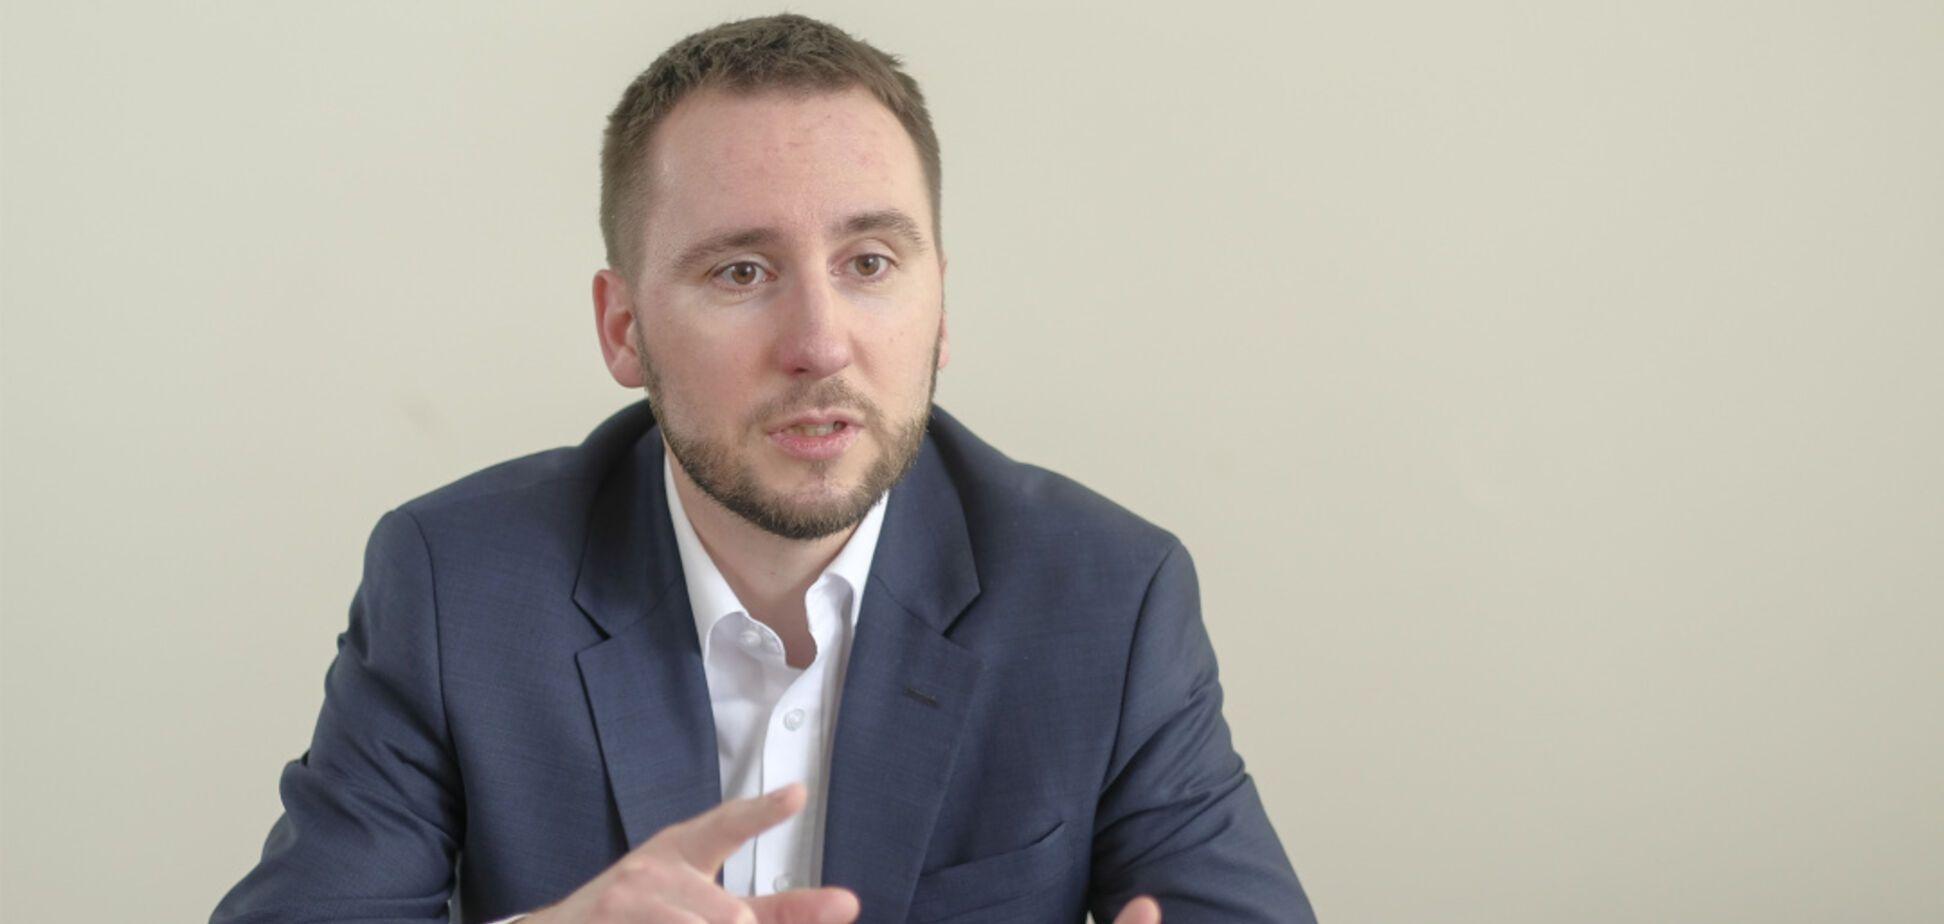 Юрий Васильченко анонсировал появление в Украине 'строительных шерифов'